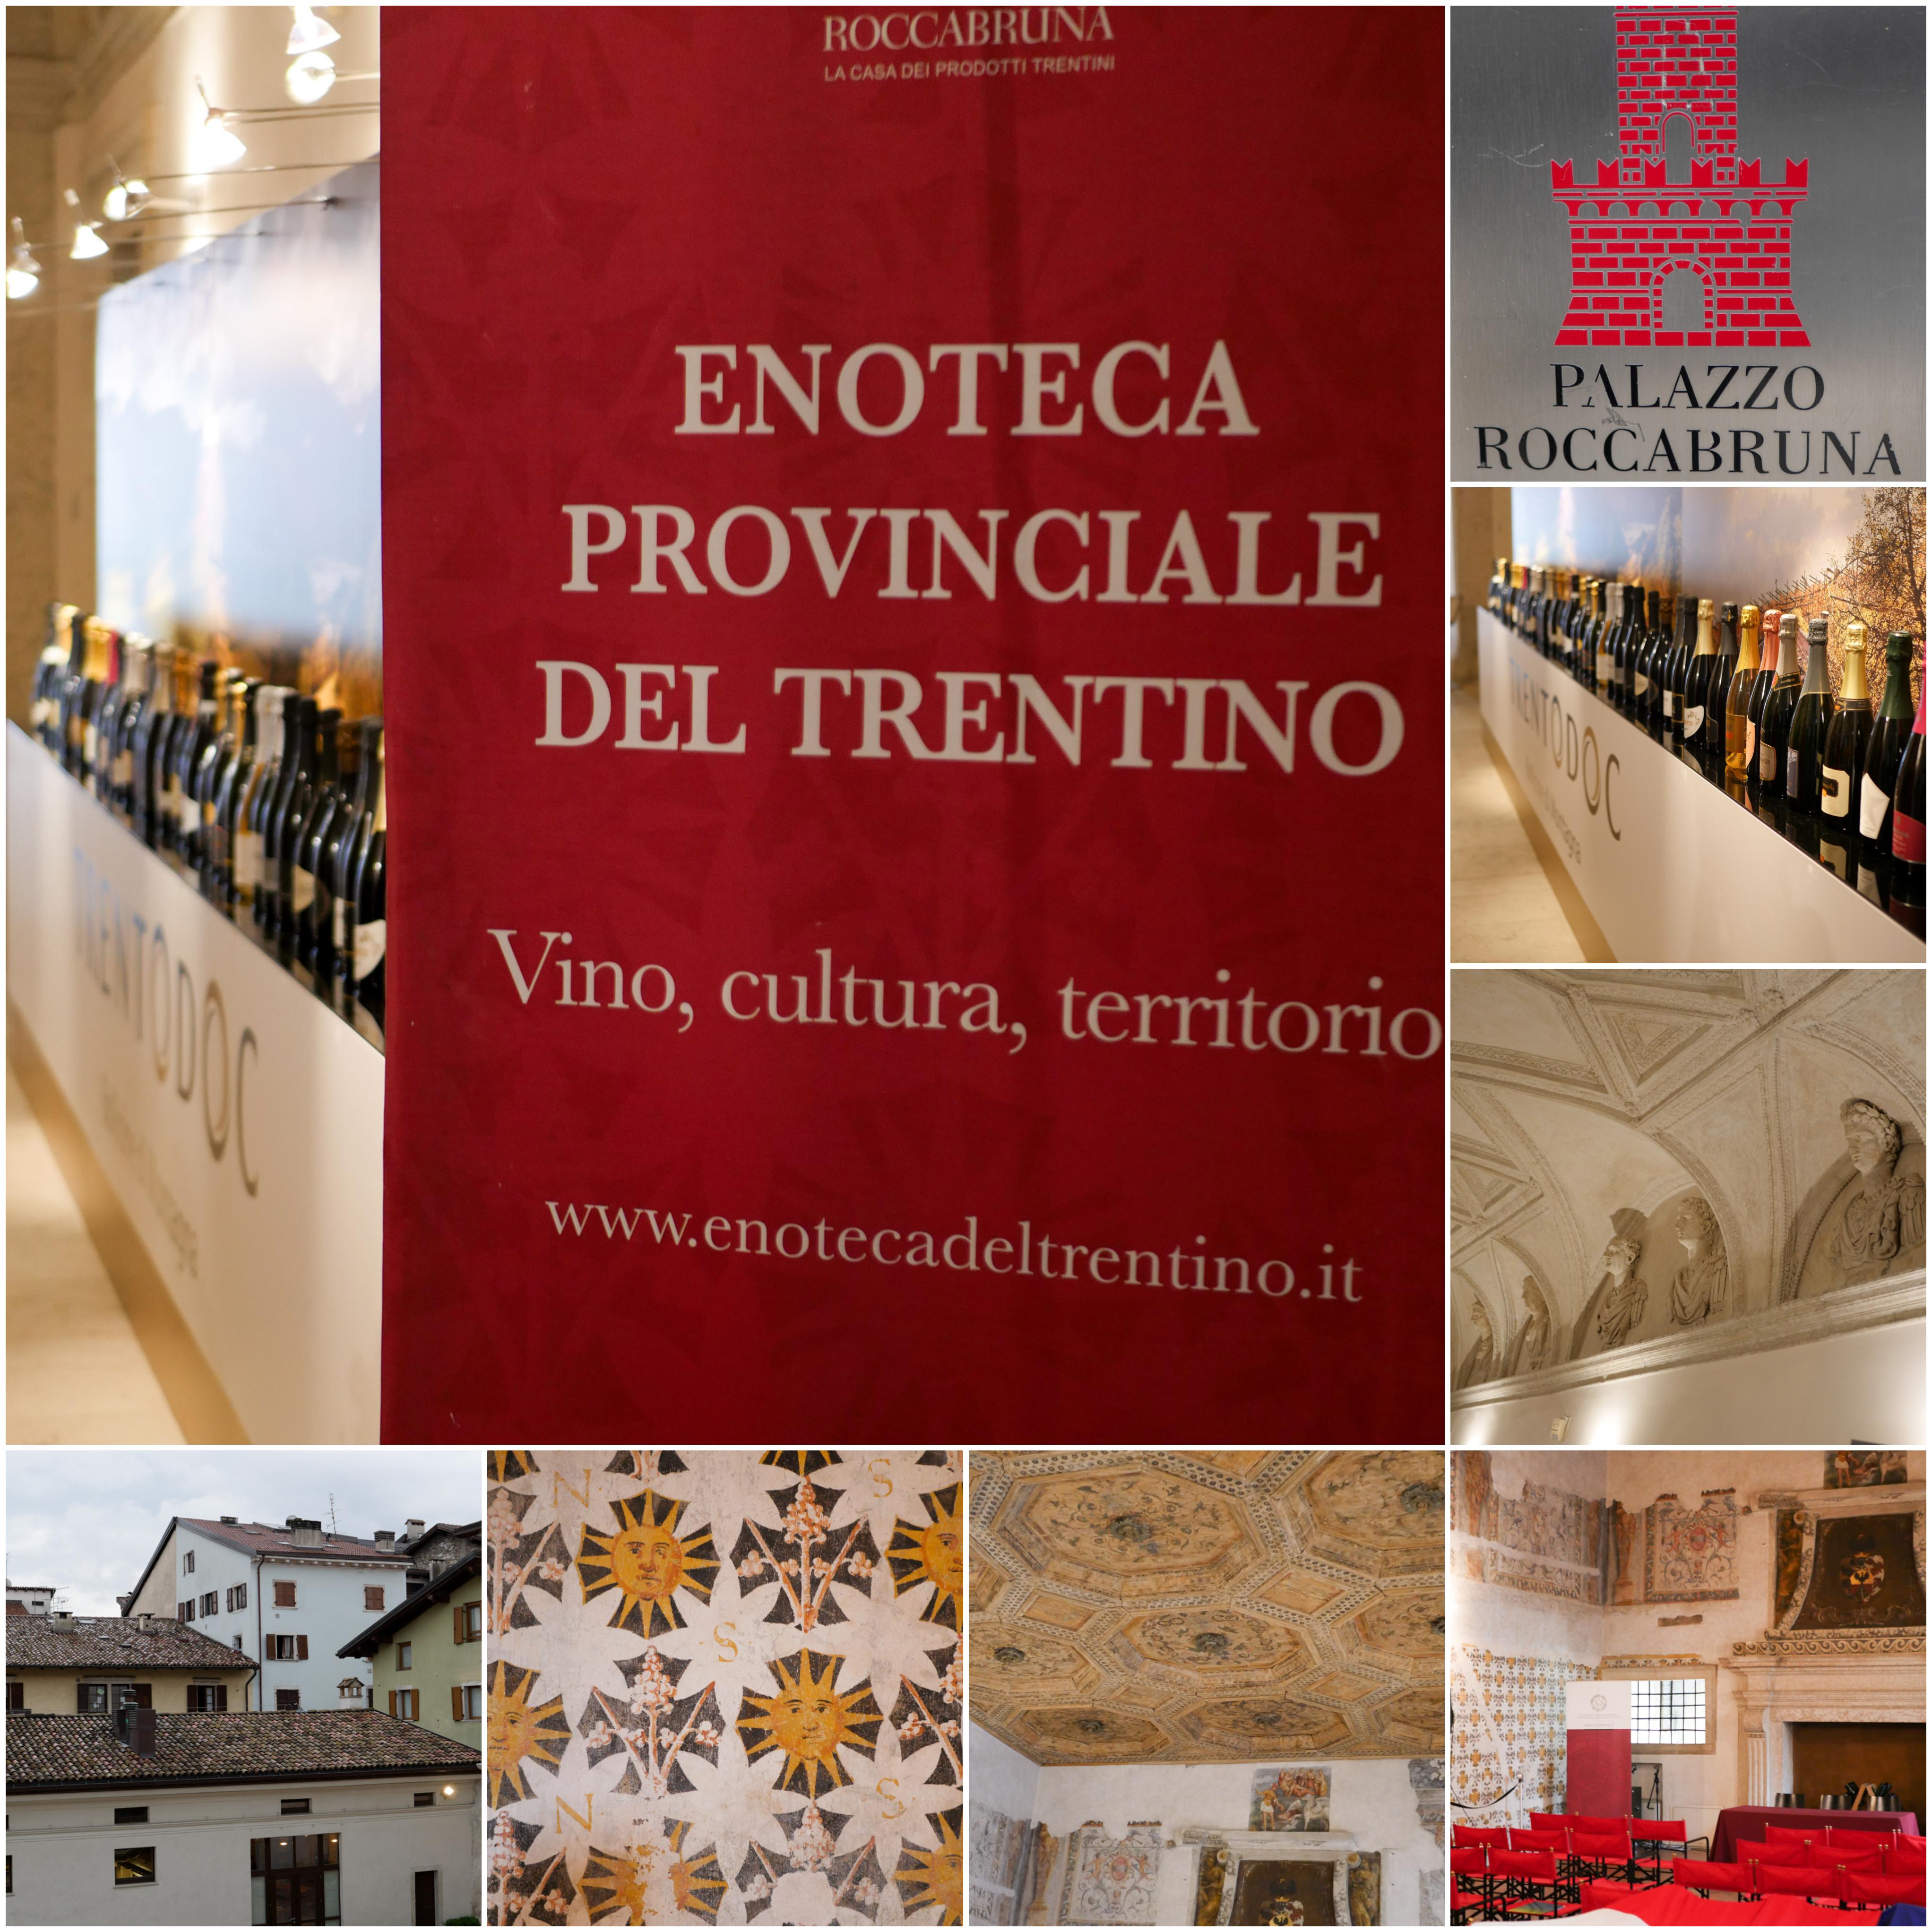 Trento, un blogtour alla scoperta della grappa - palazzo roccabruna